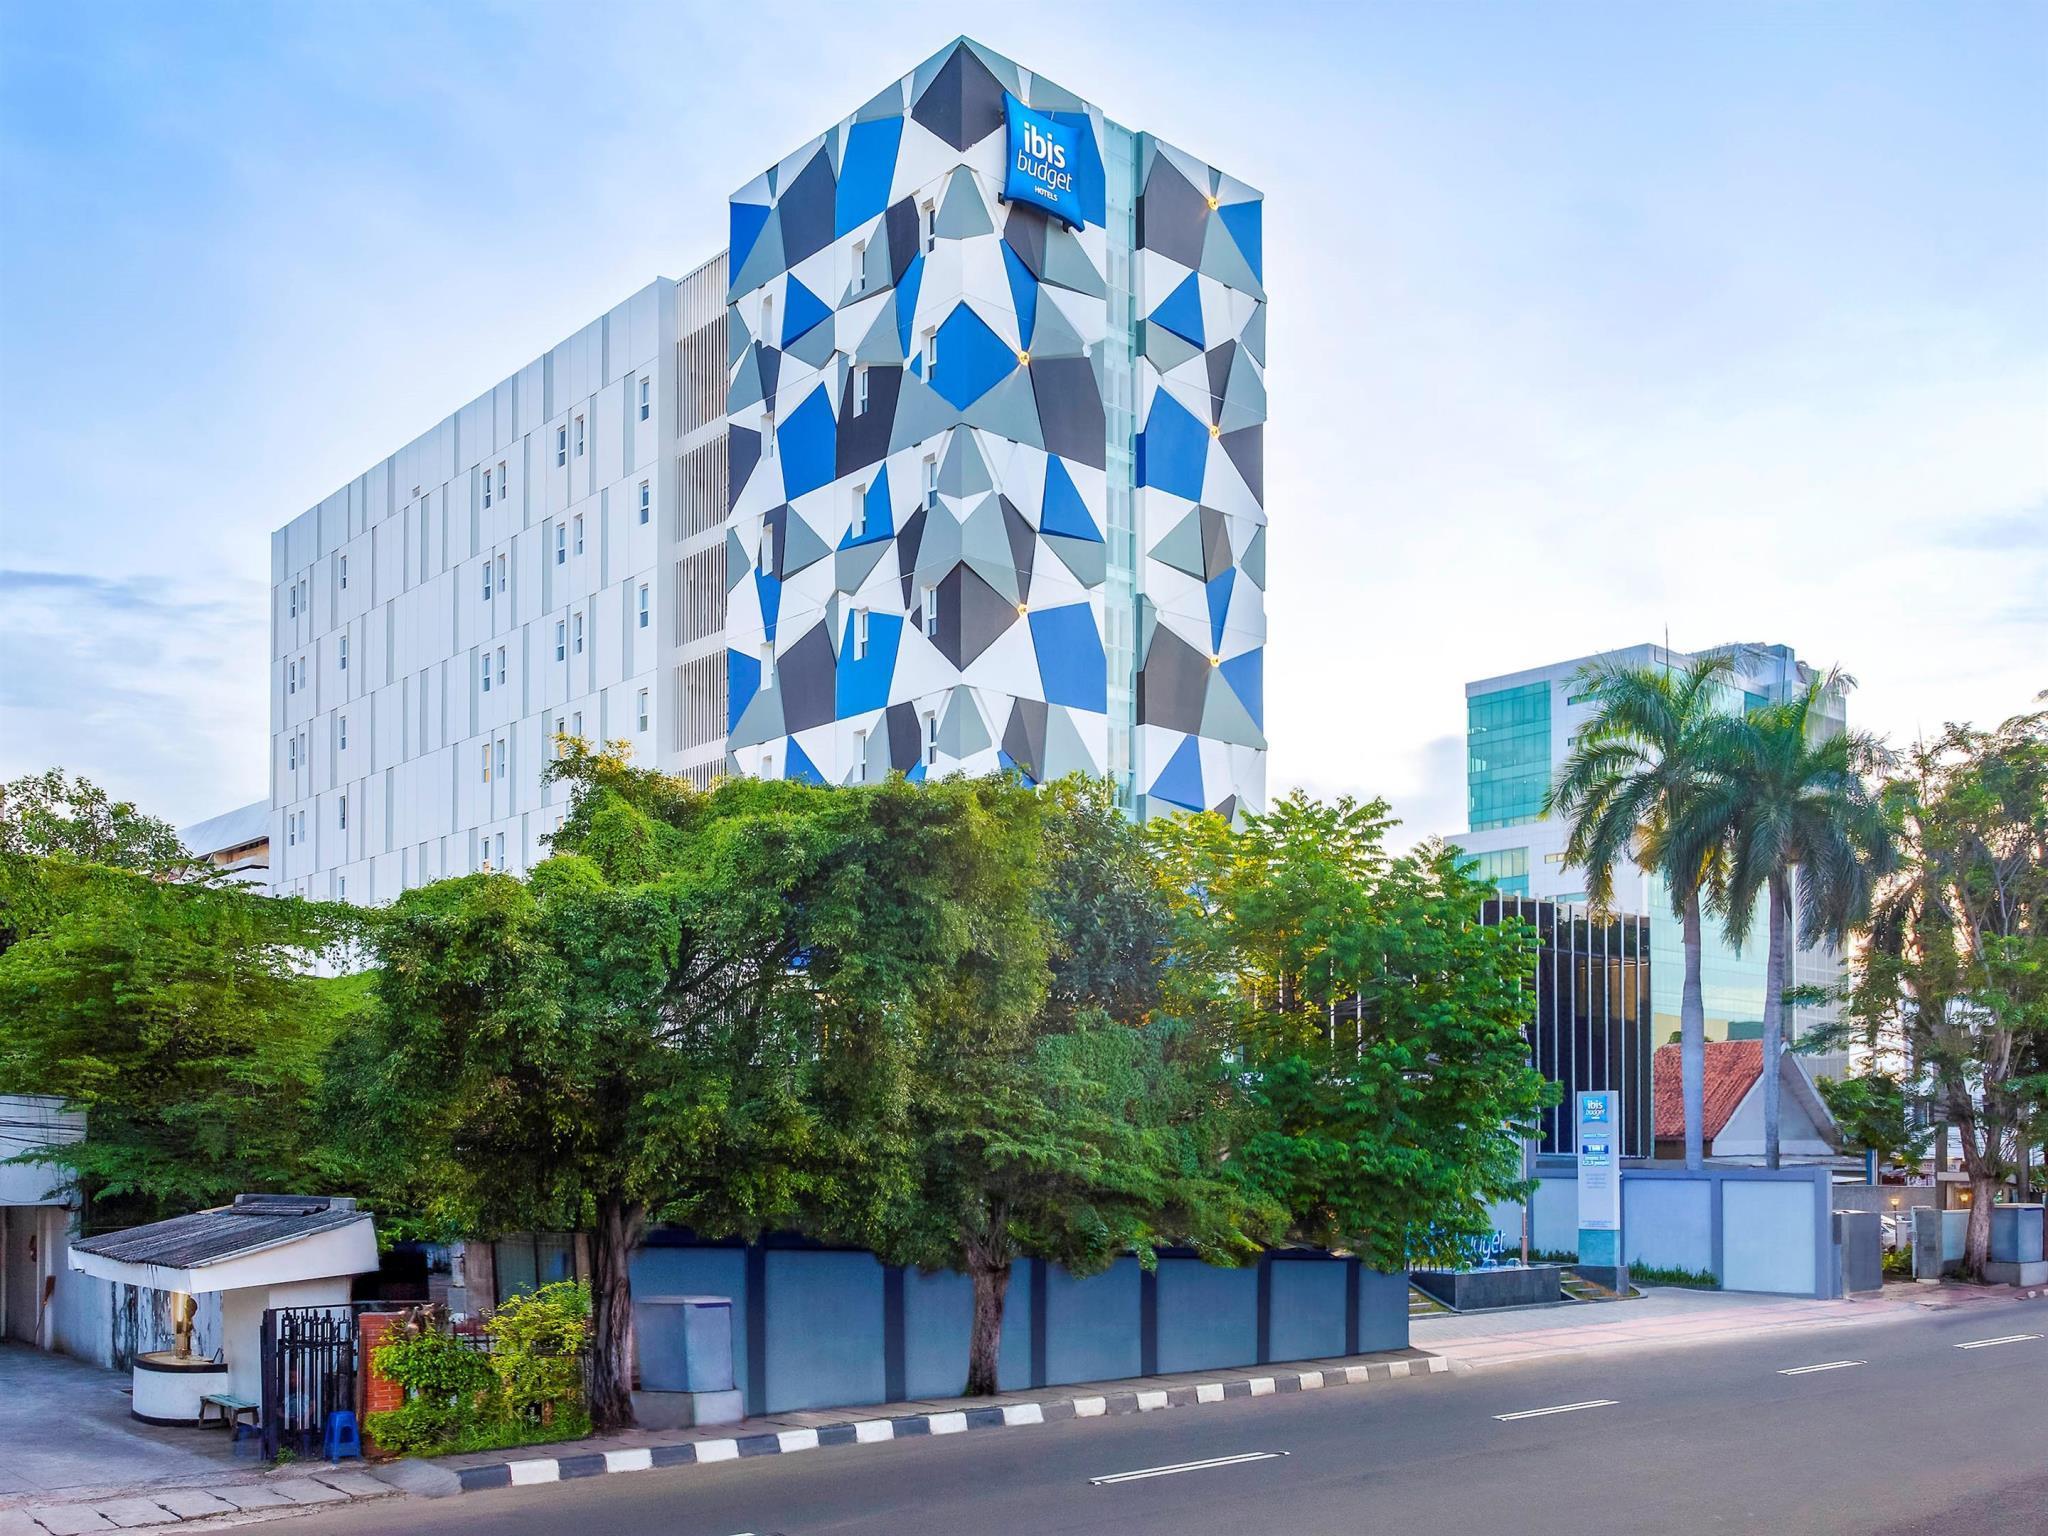 Hotel Dekat Wisata Jalan Abdul Muis